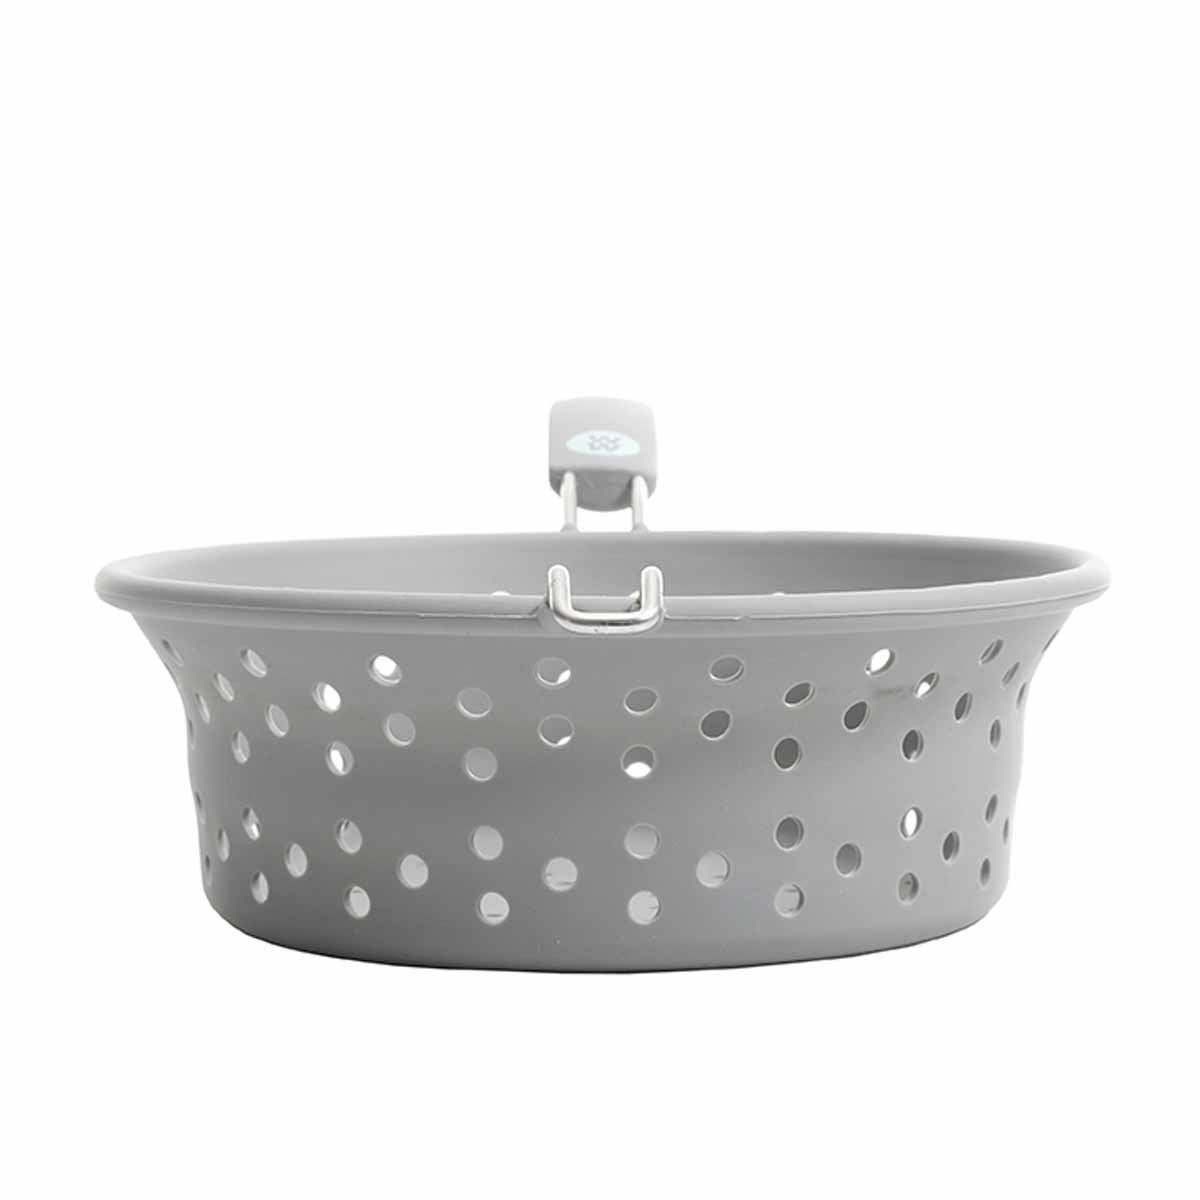 Silicone Steamer Basket & Colander - side